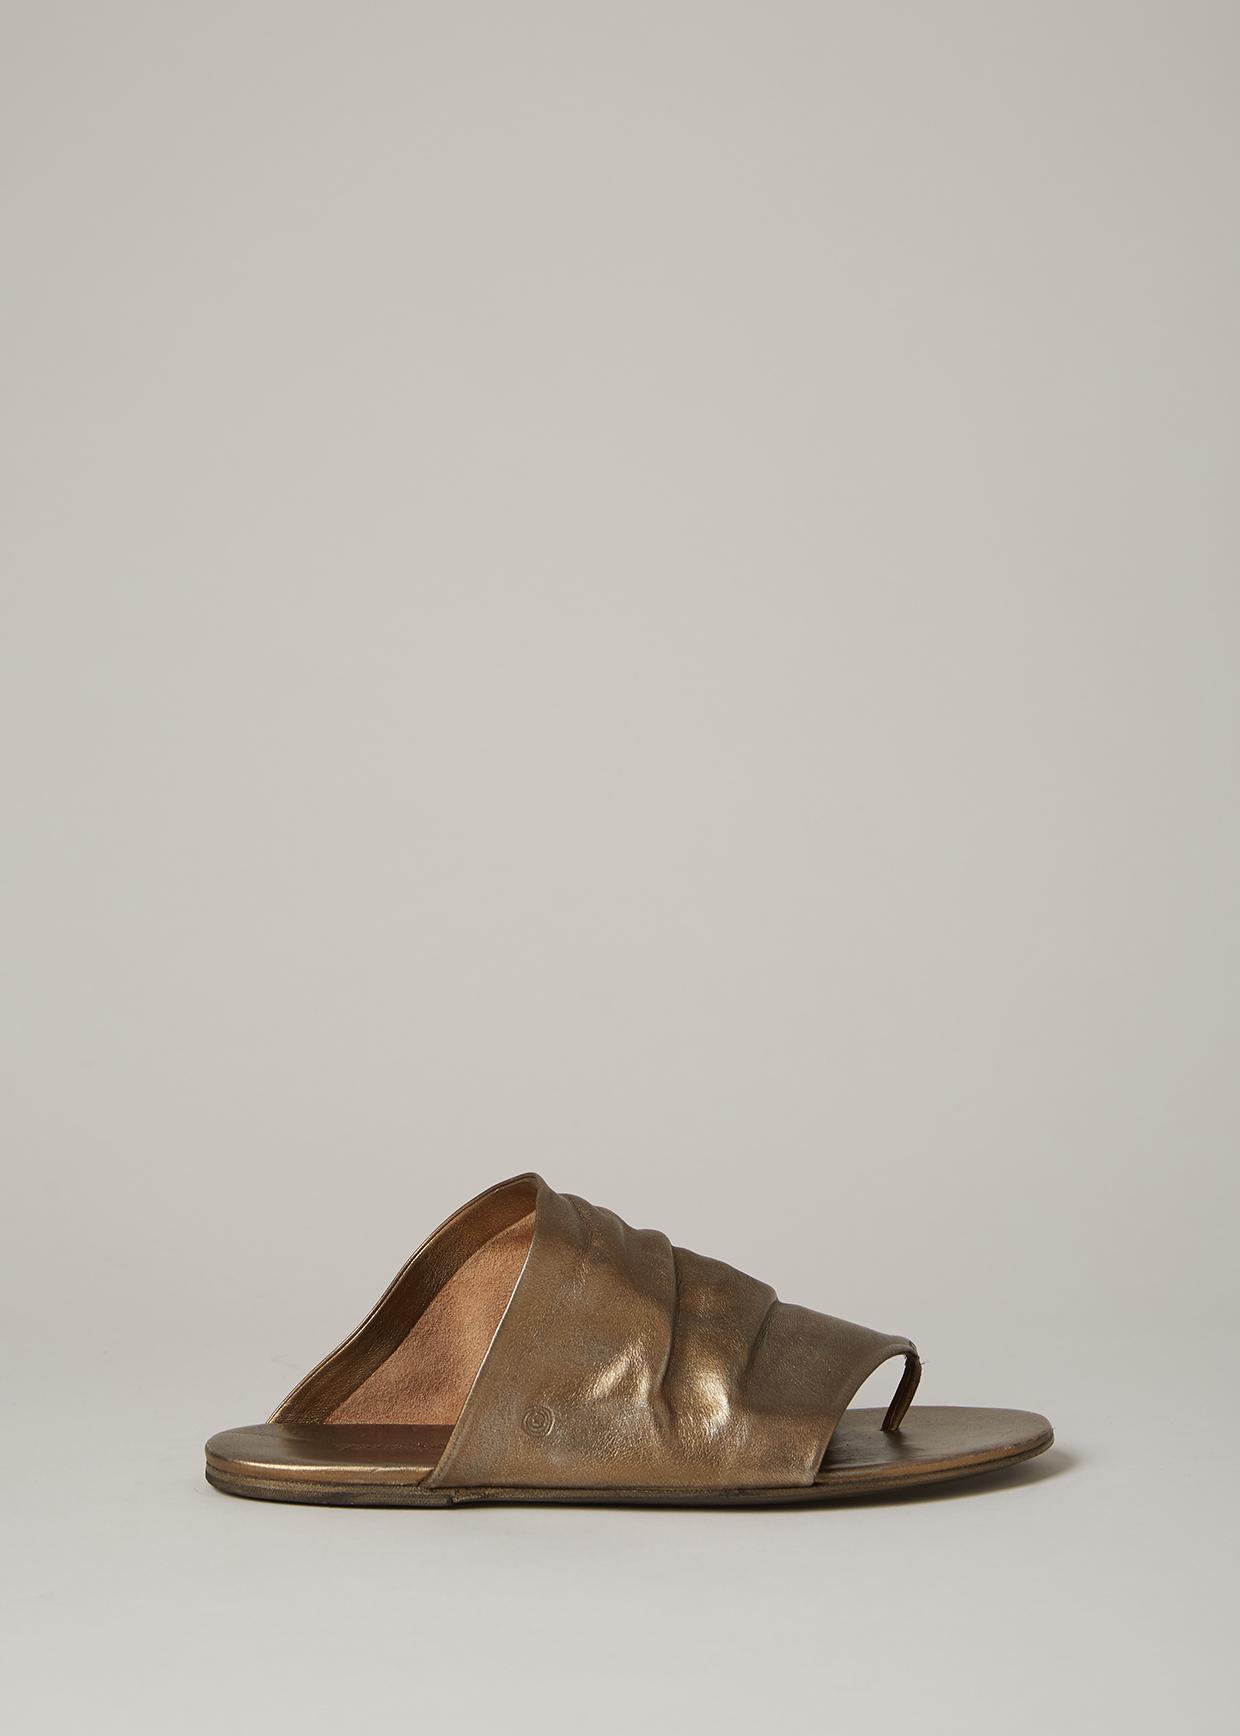 aa7604a5605be Marsèll Metallic Bronze Arsella Thong Sandal in Metallic - Lyst